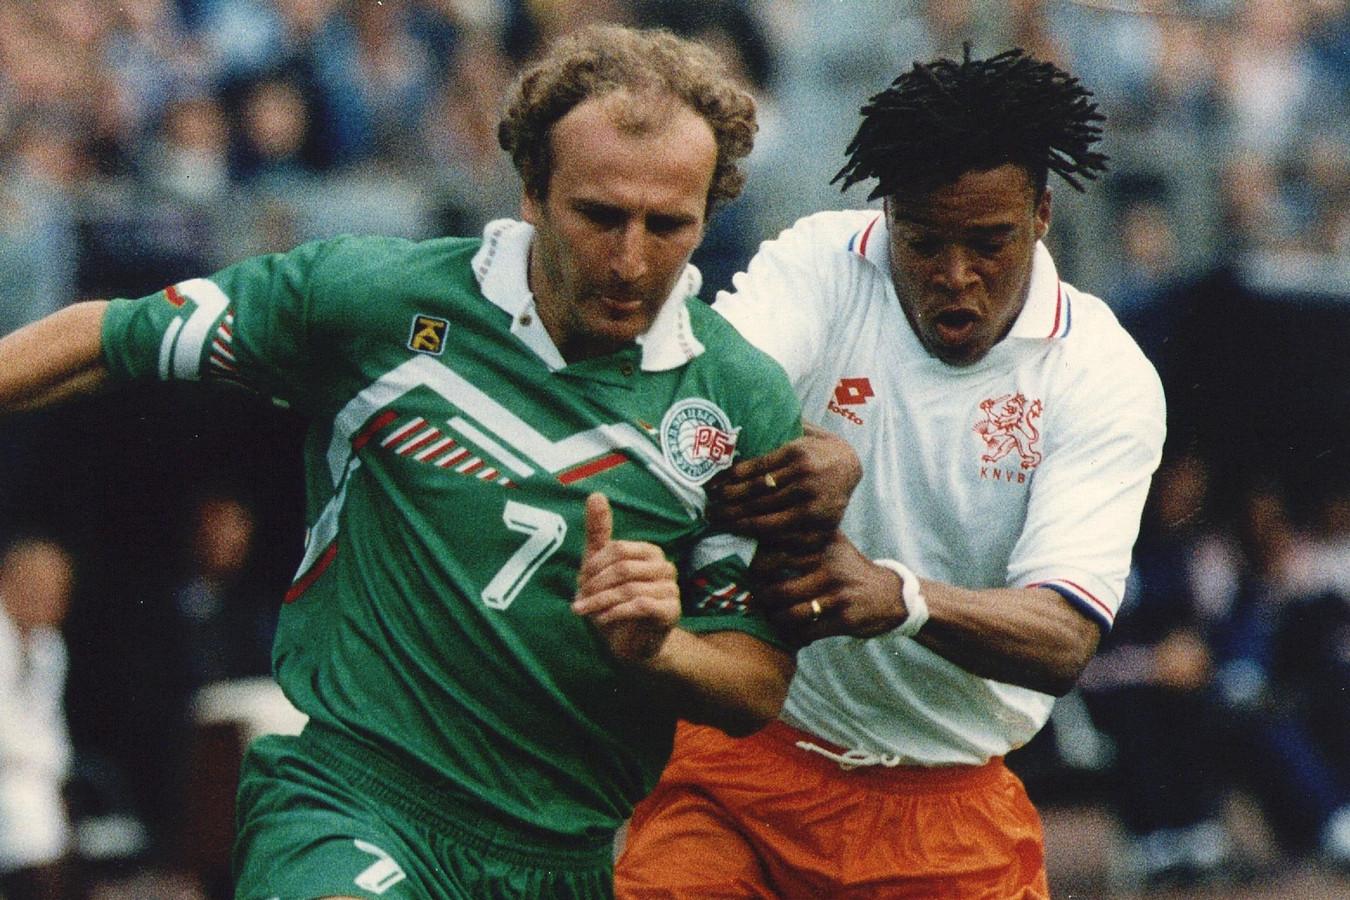 1995: Edgar Davids doet een vergeefse poging om doelpuntenmaker Sergei Gerasimets af te stoppen.